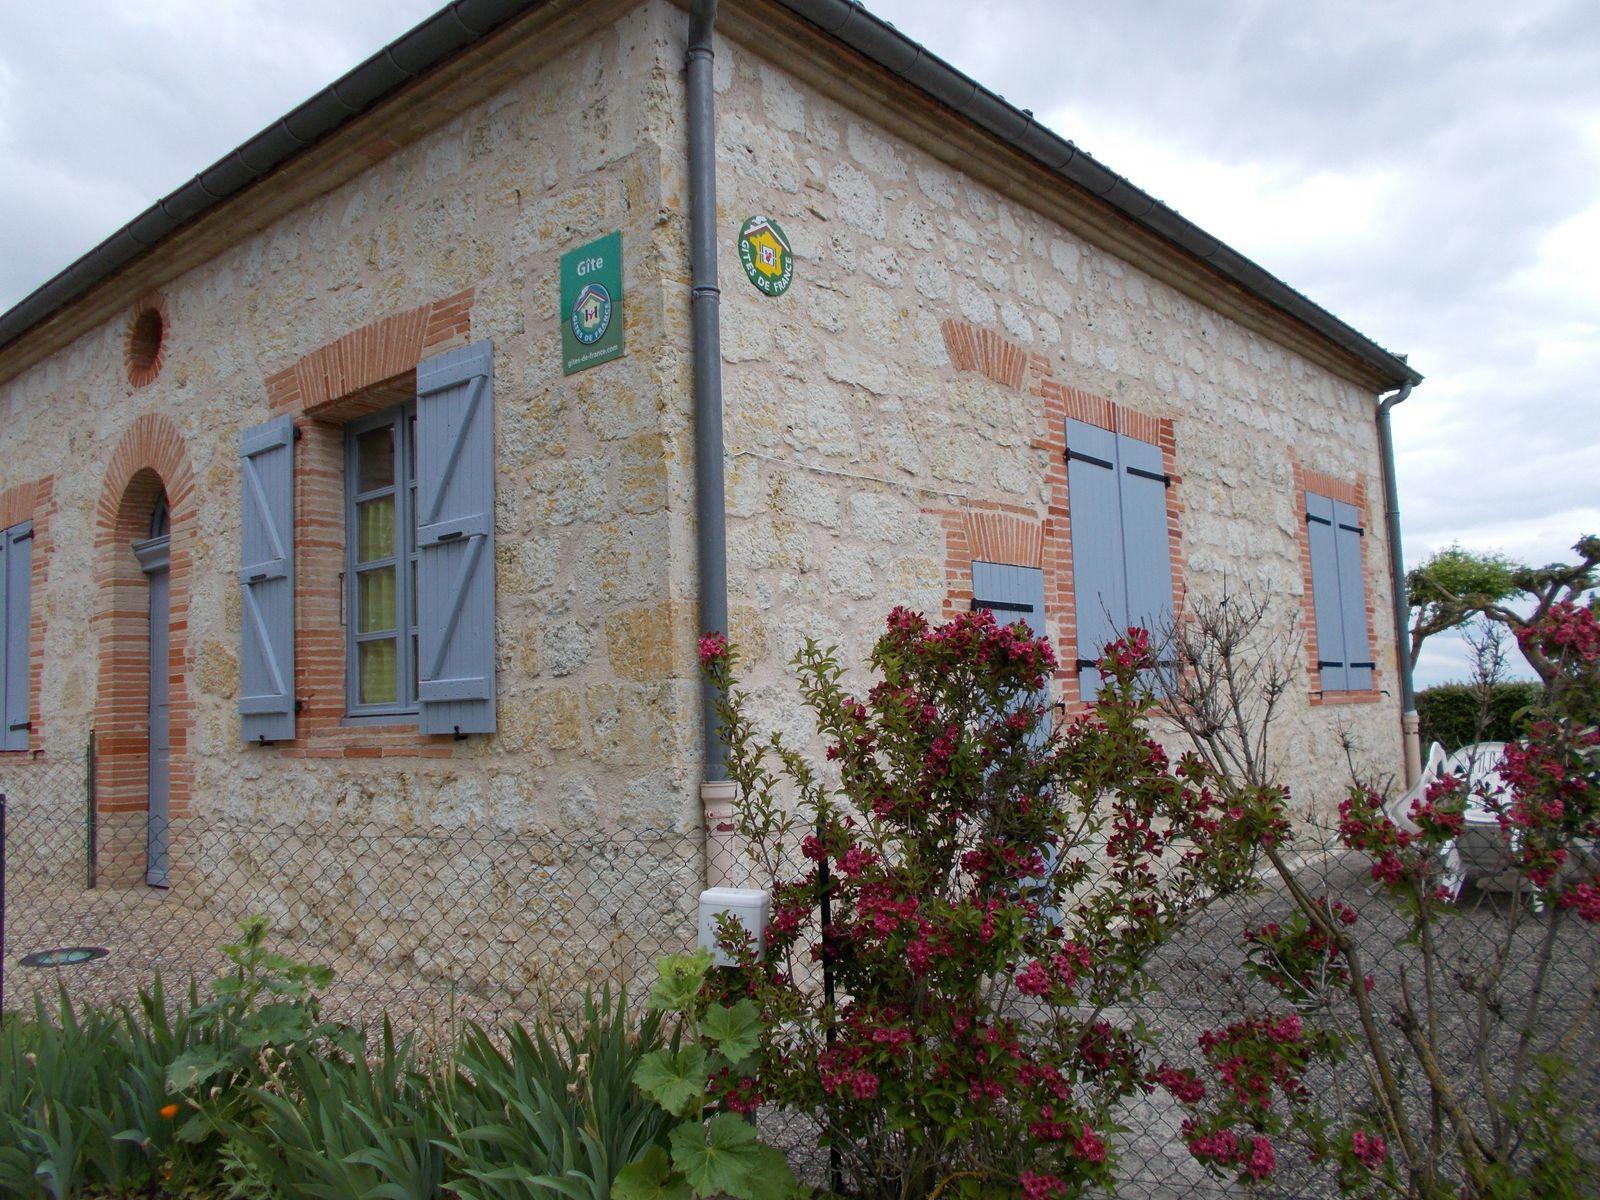 Le Gîte, qui auparavant était l'école du village